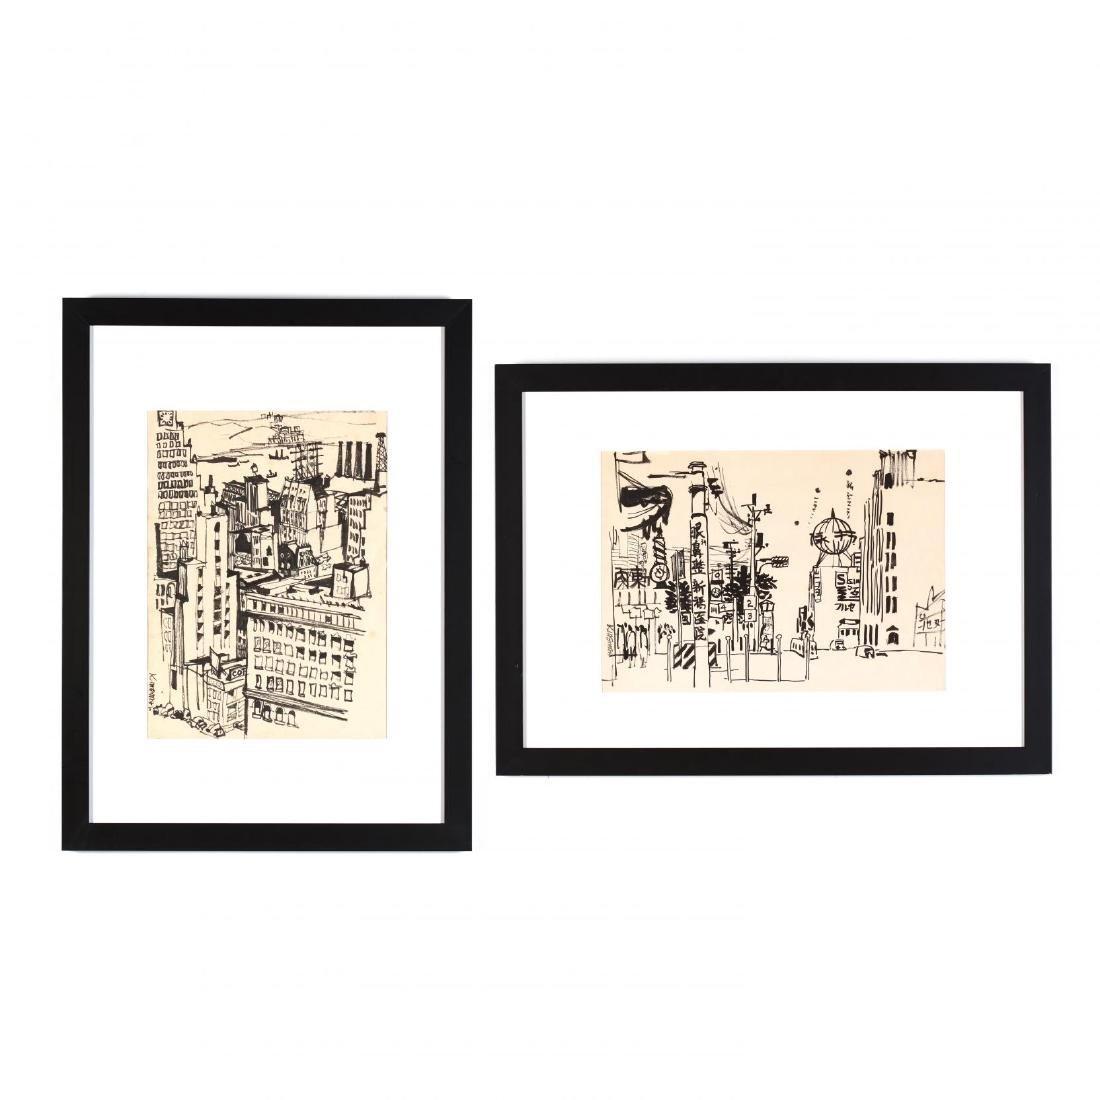 Dong Kingman (CA/NY, 1911-2000), Two Cityscapes